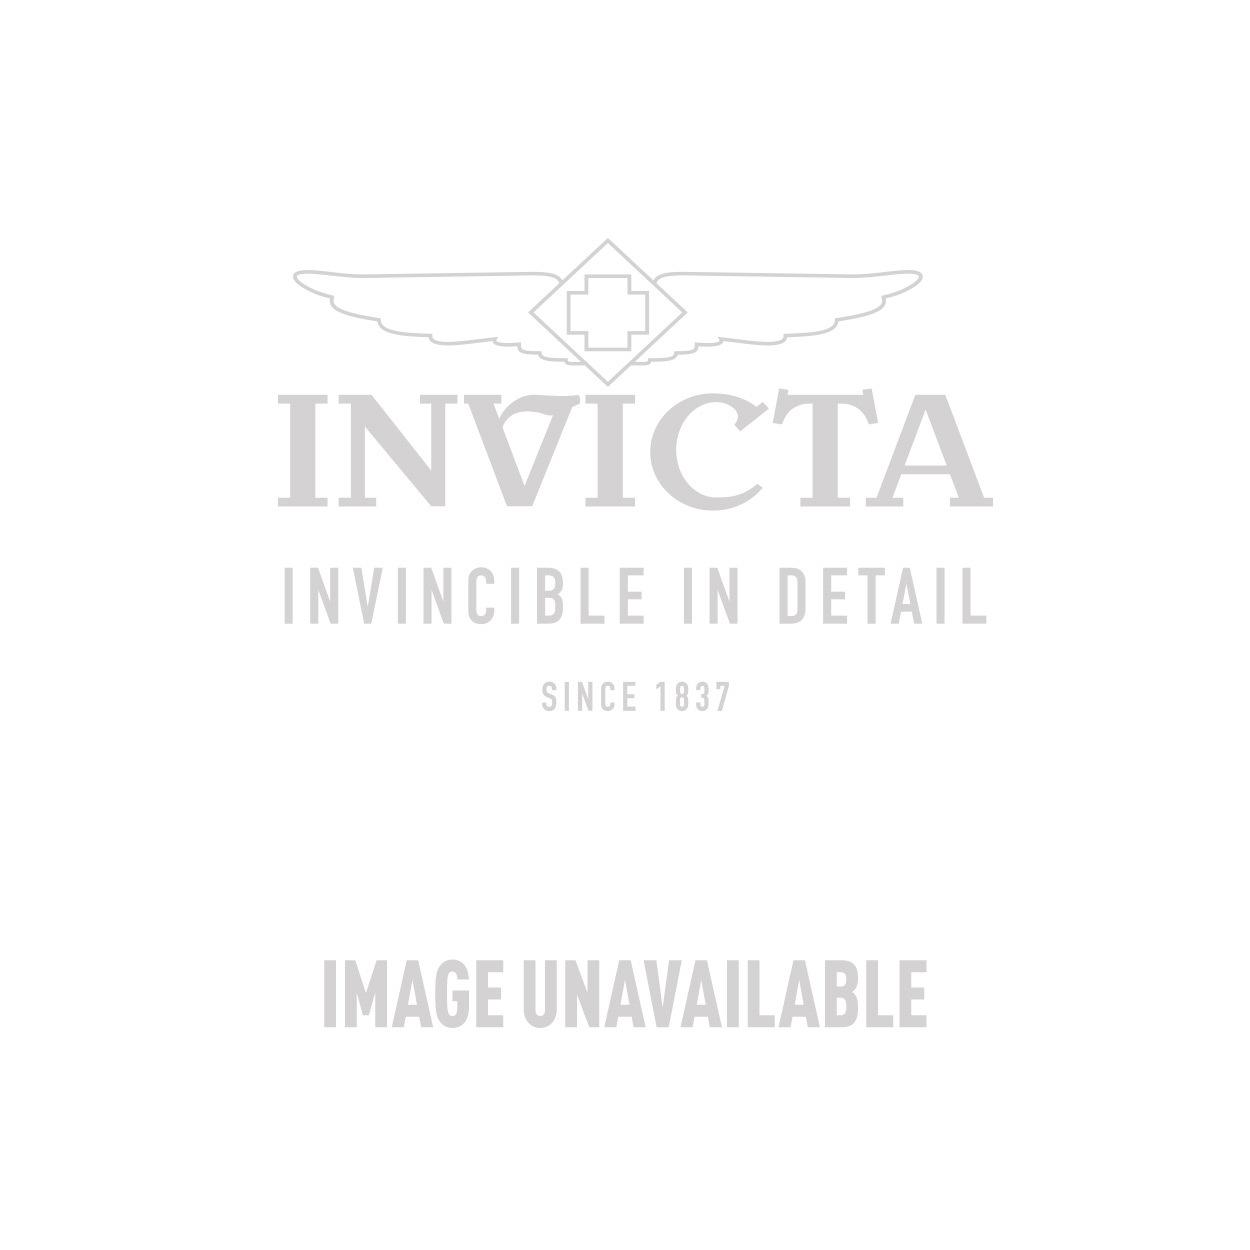 Invicta Model 27496